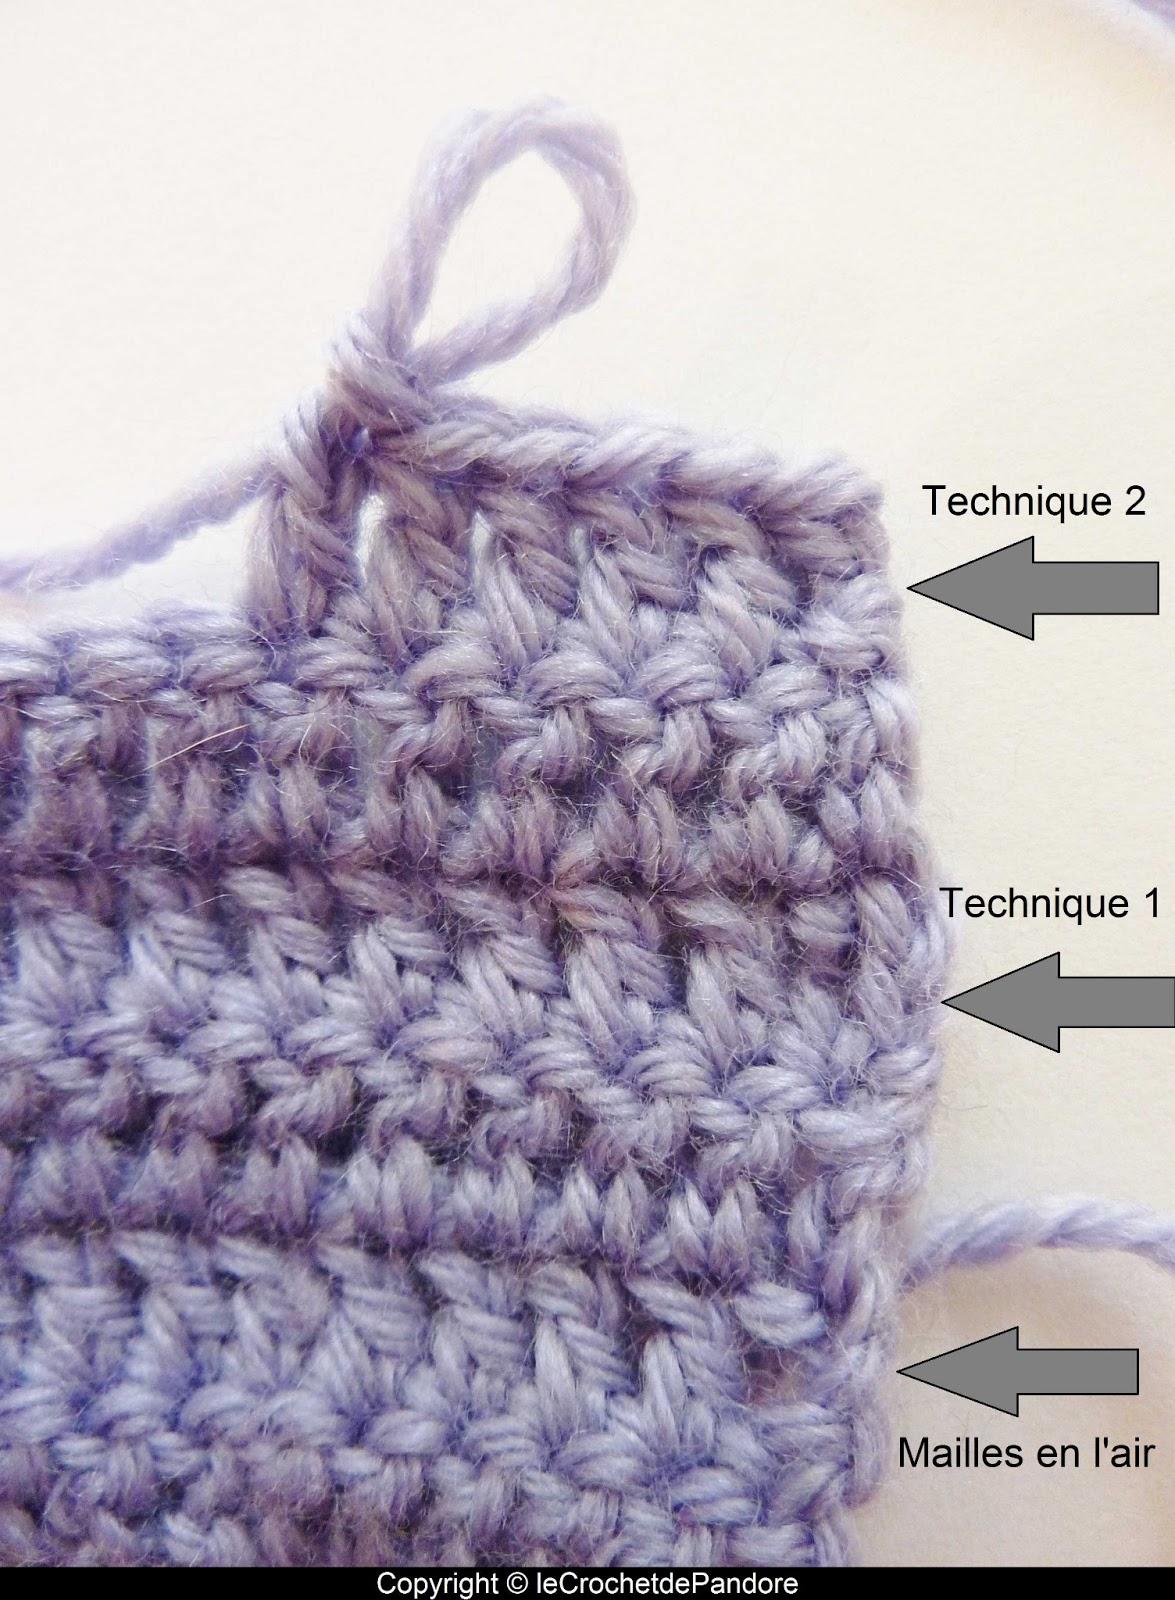 Le crochet de pandore tuto remplacer les mailles en l 39 air pour tourner en d but de rang la - Crochet maille en l air ...